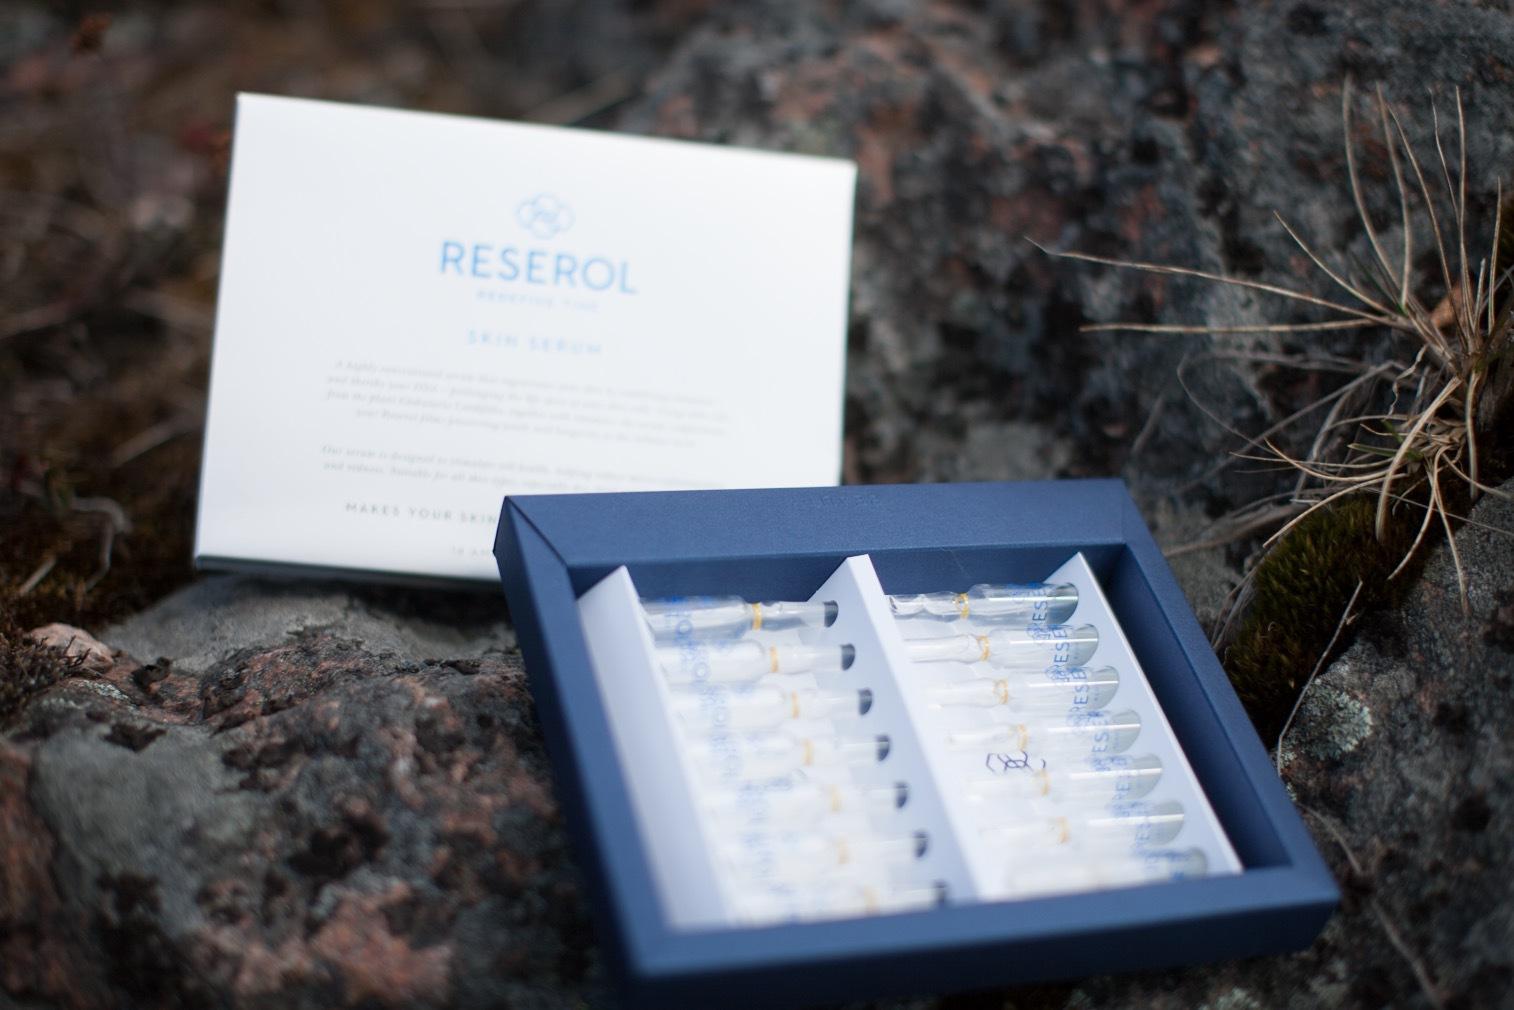 Reserol är en svensk framgångssaga. Nu släpper de ett ampullserum som ska komplettera deras första produkt med resveratrol.